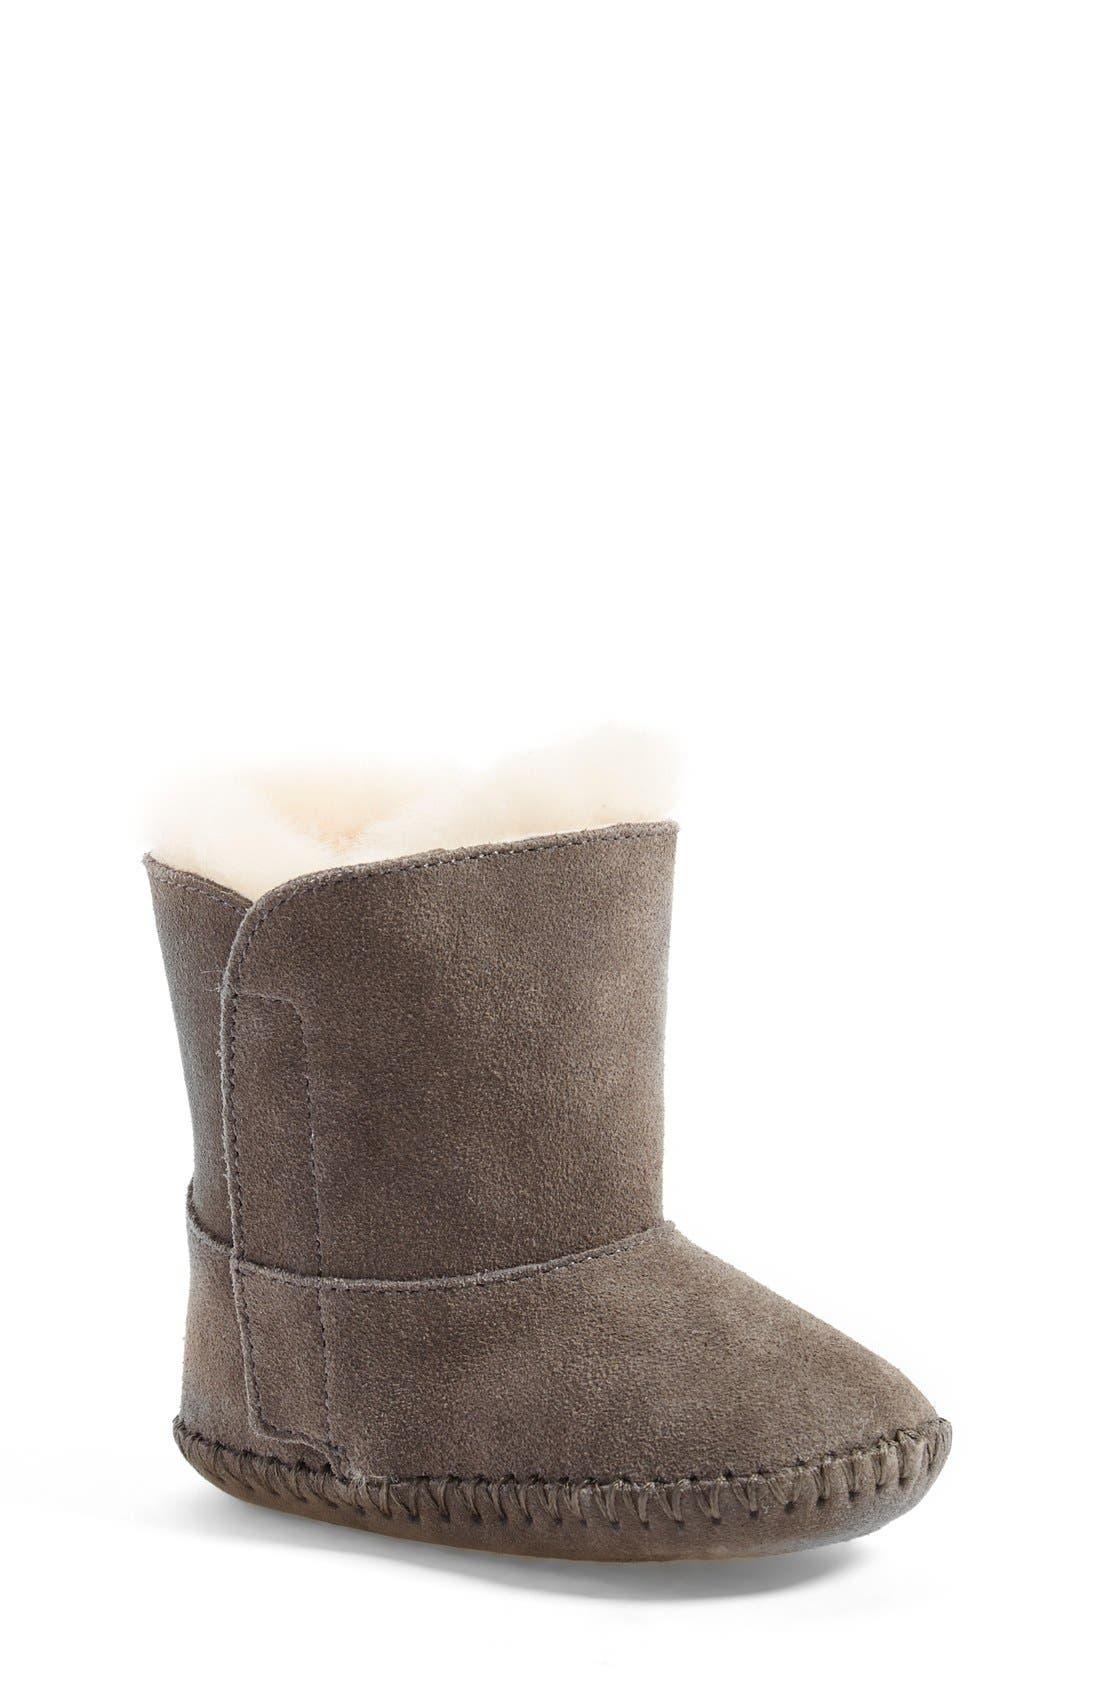 Main Image - UGG® Caden Boot (Baby & Walker) (Nordstrom Exclusive)